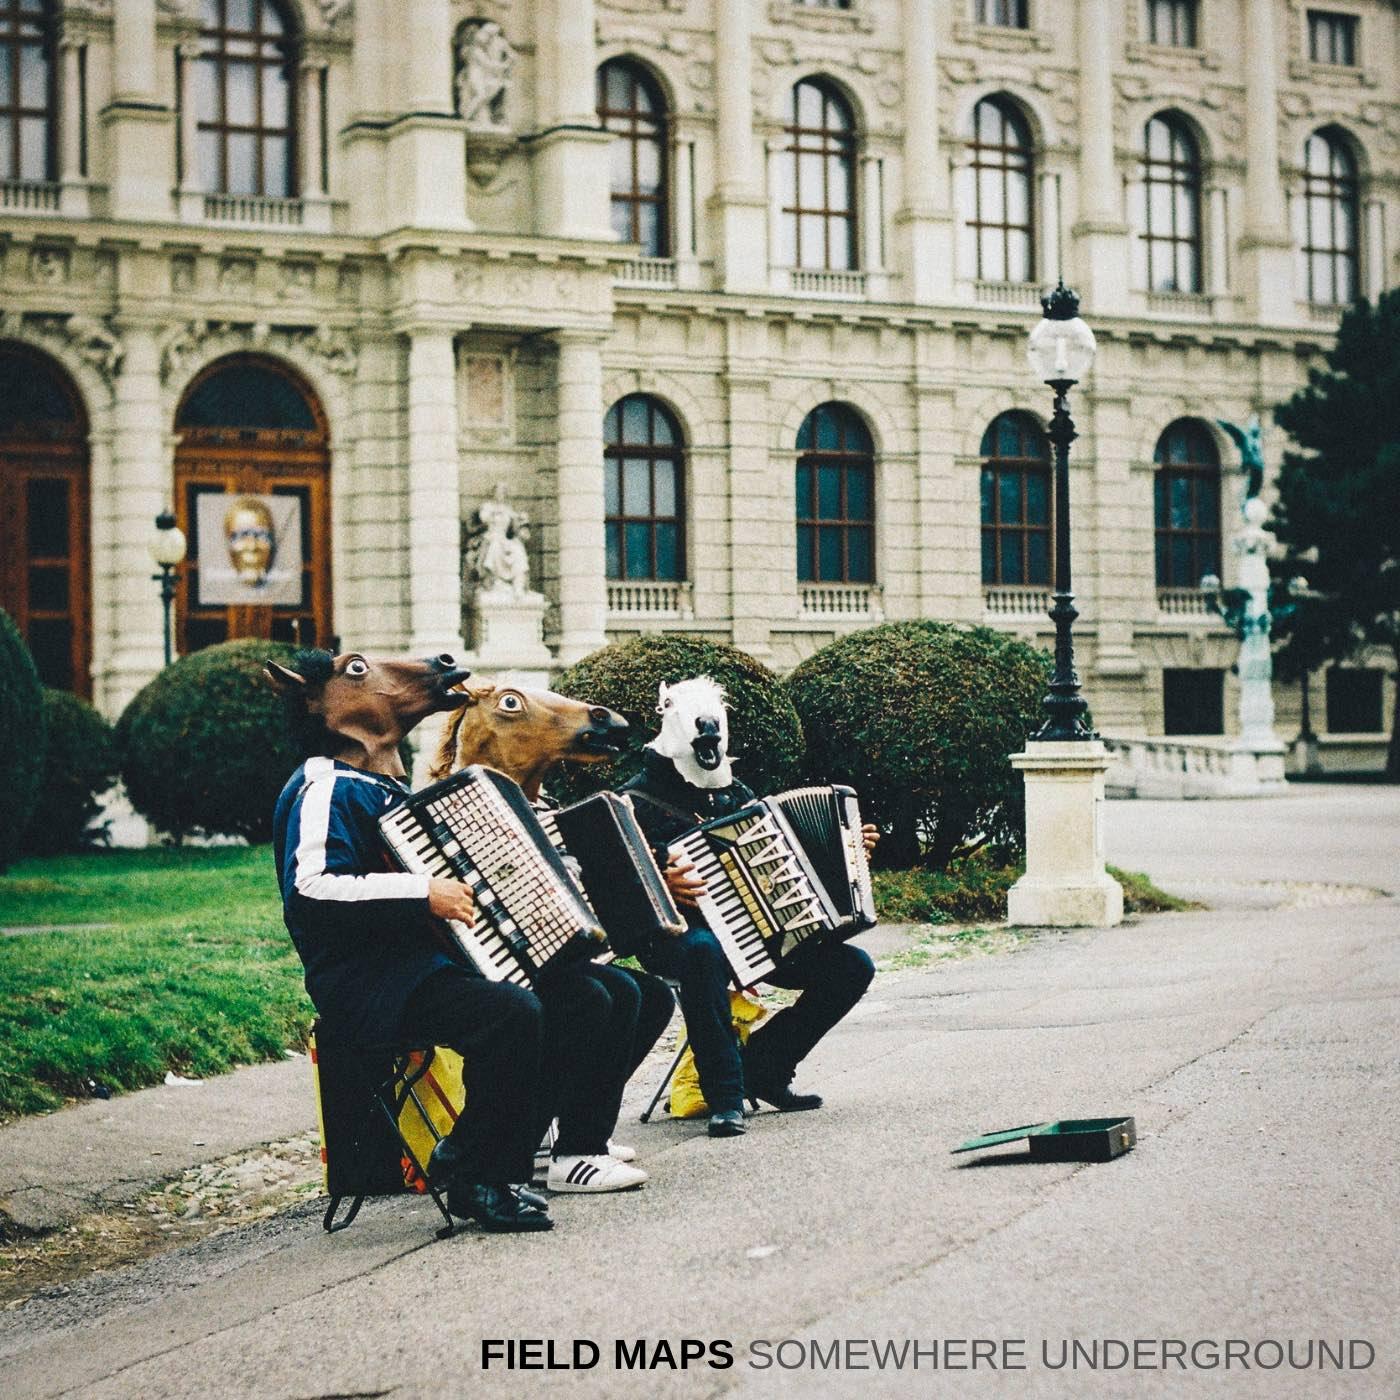 Field Maps Somewhere Underground